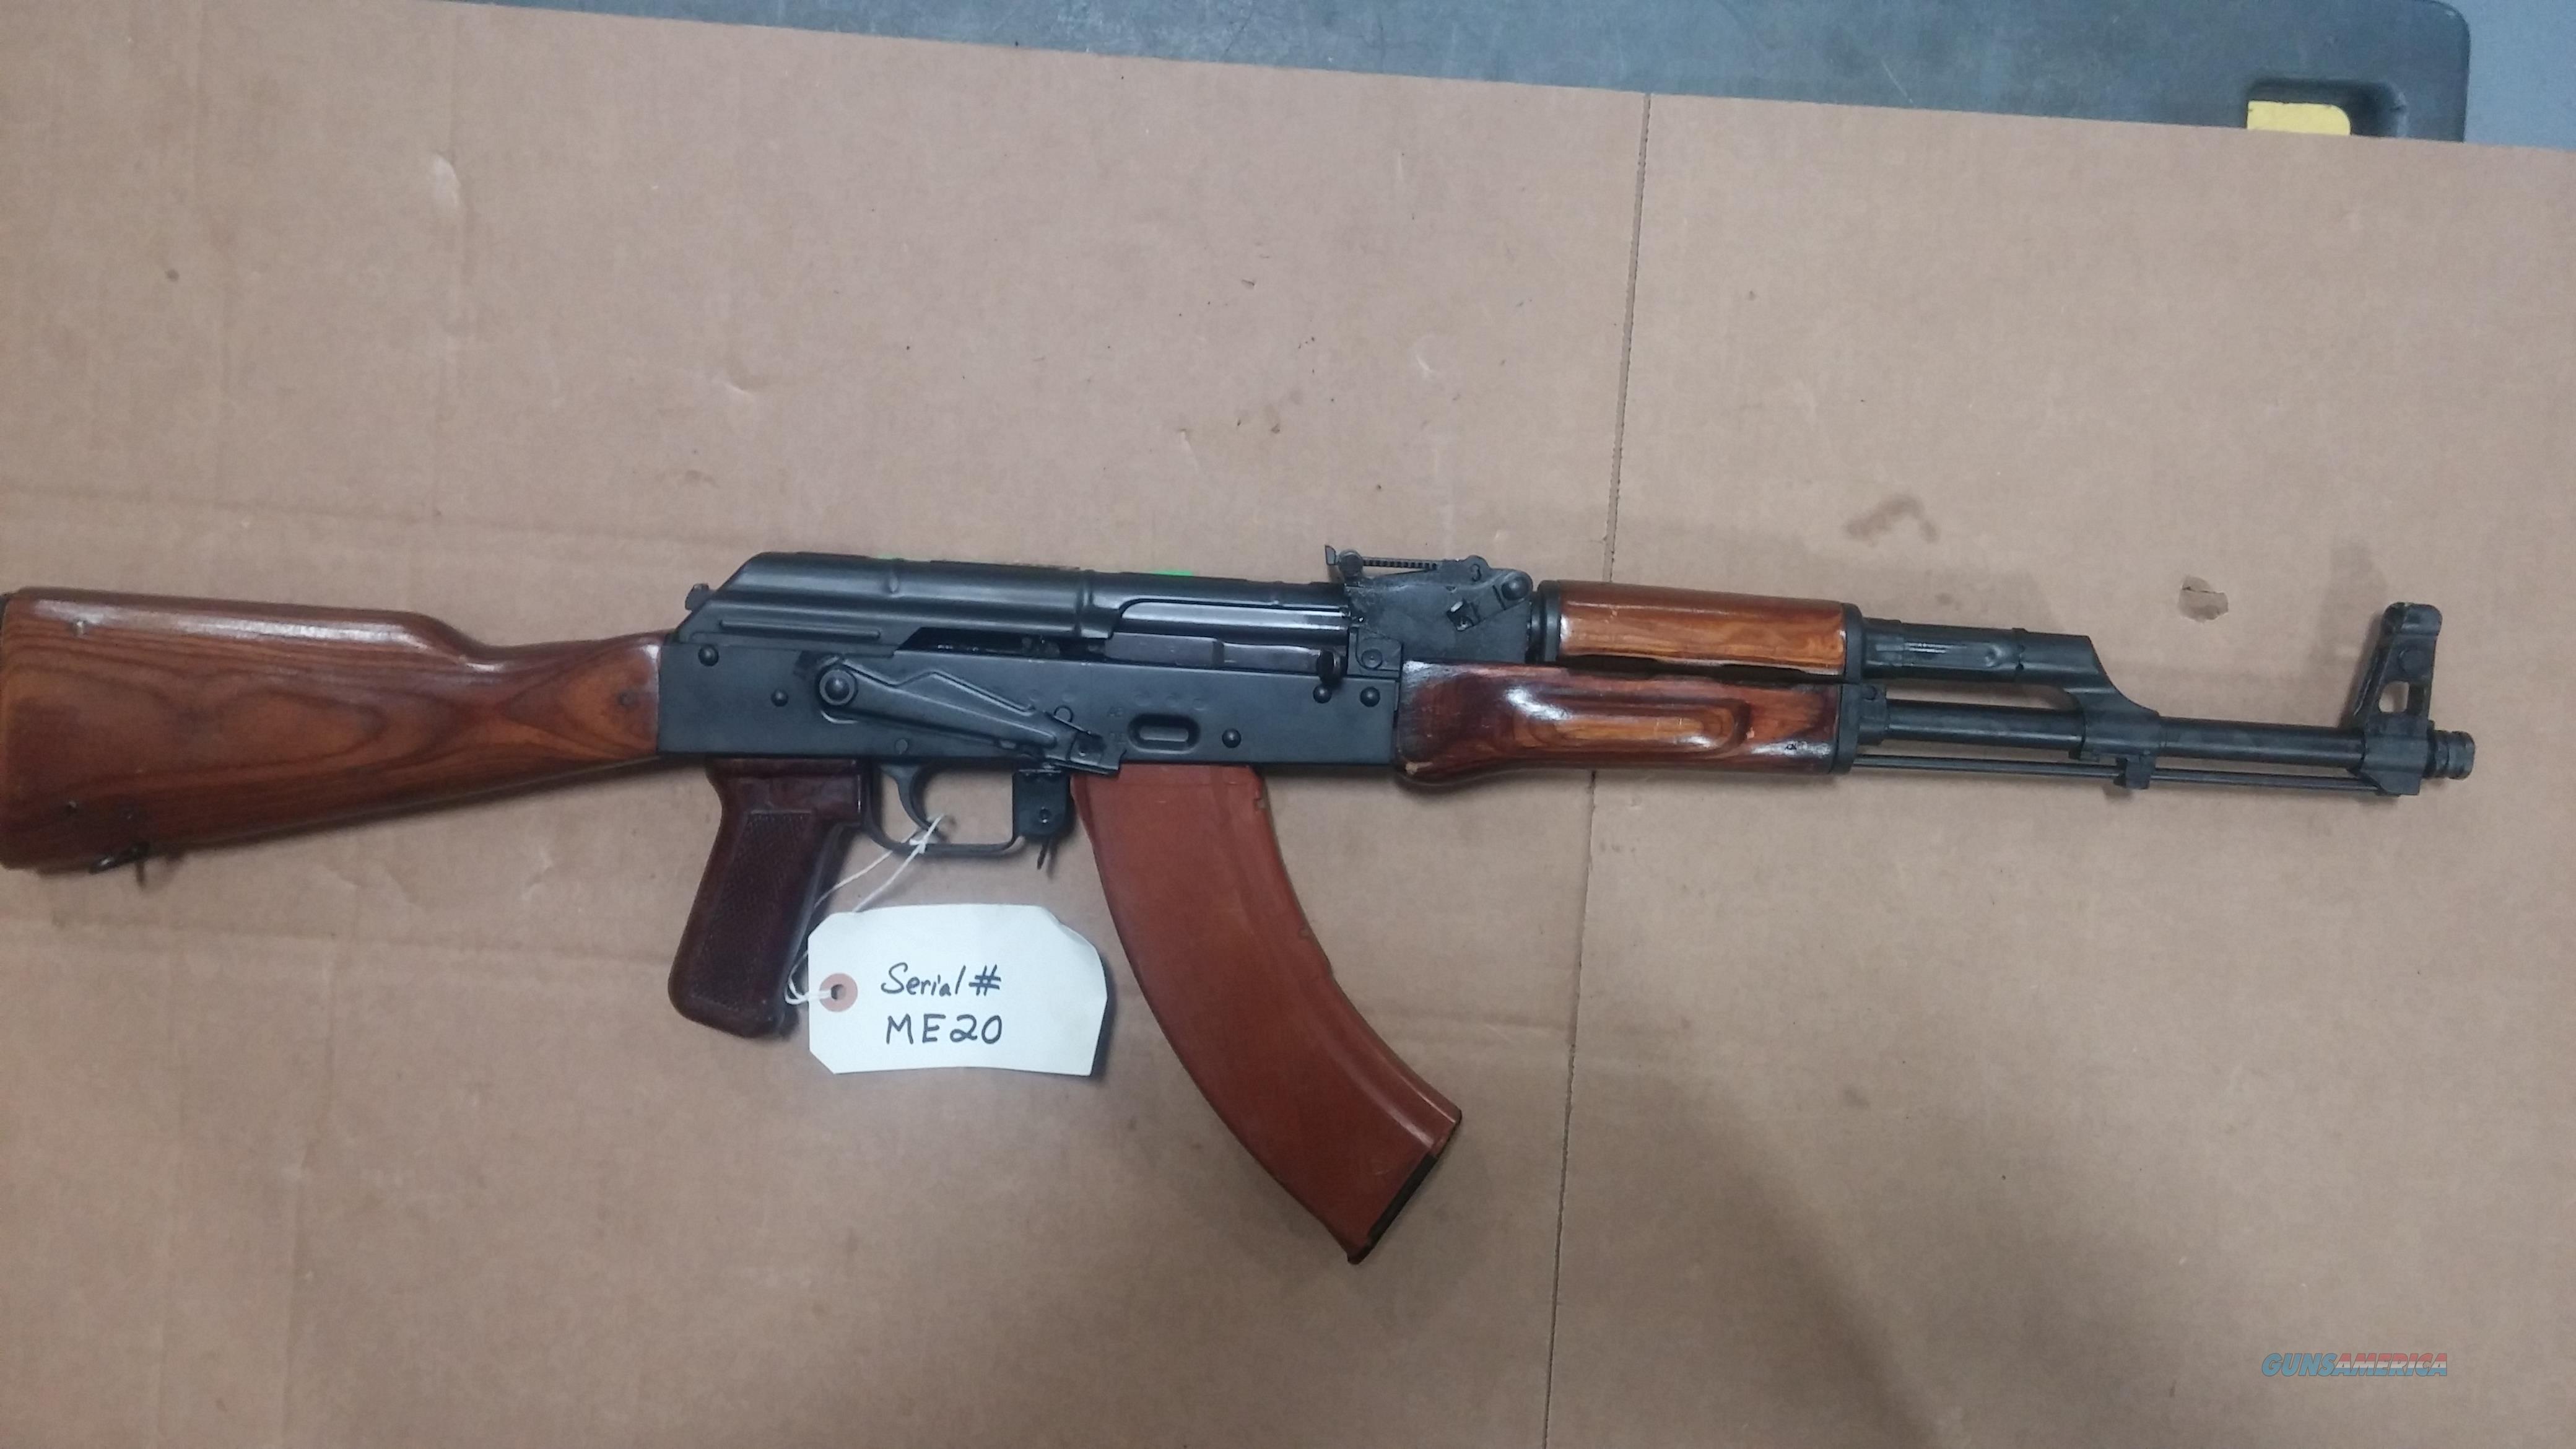 1968 RUSSIAN TULA AK47 BUILT BY JAMES RIVER AK-47